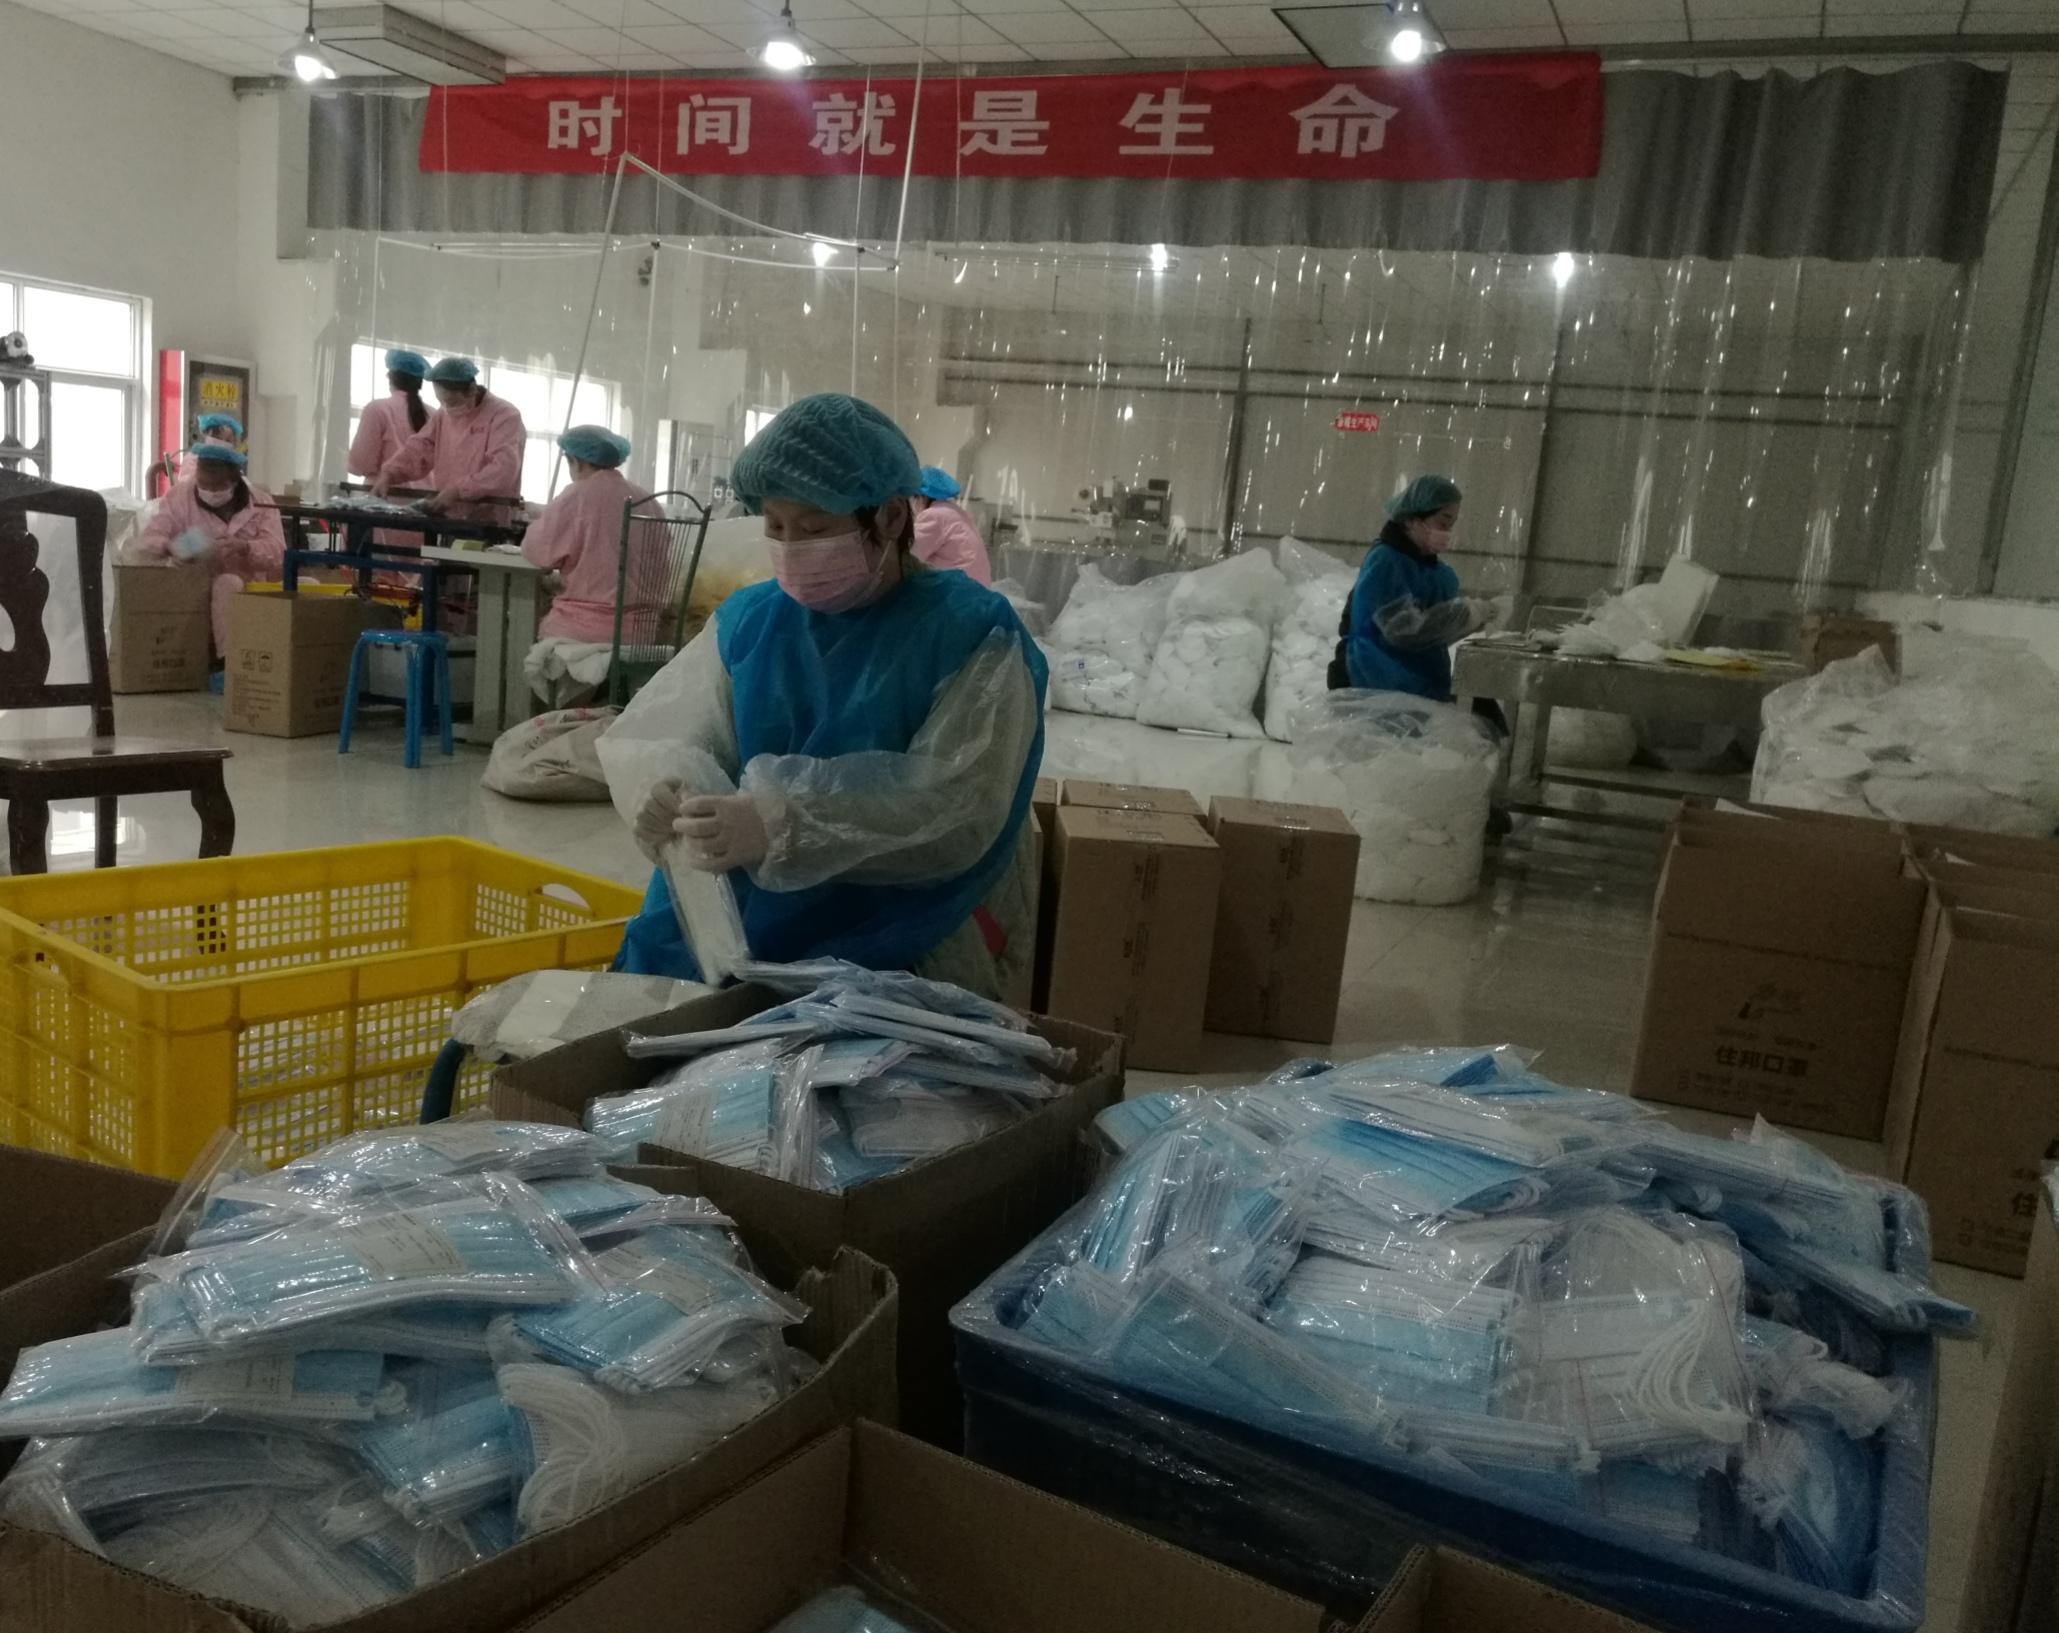 抗疫一线 西安沣京工业园疫情防控物资生产两不误,记者直击口罩和消毒液生产线